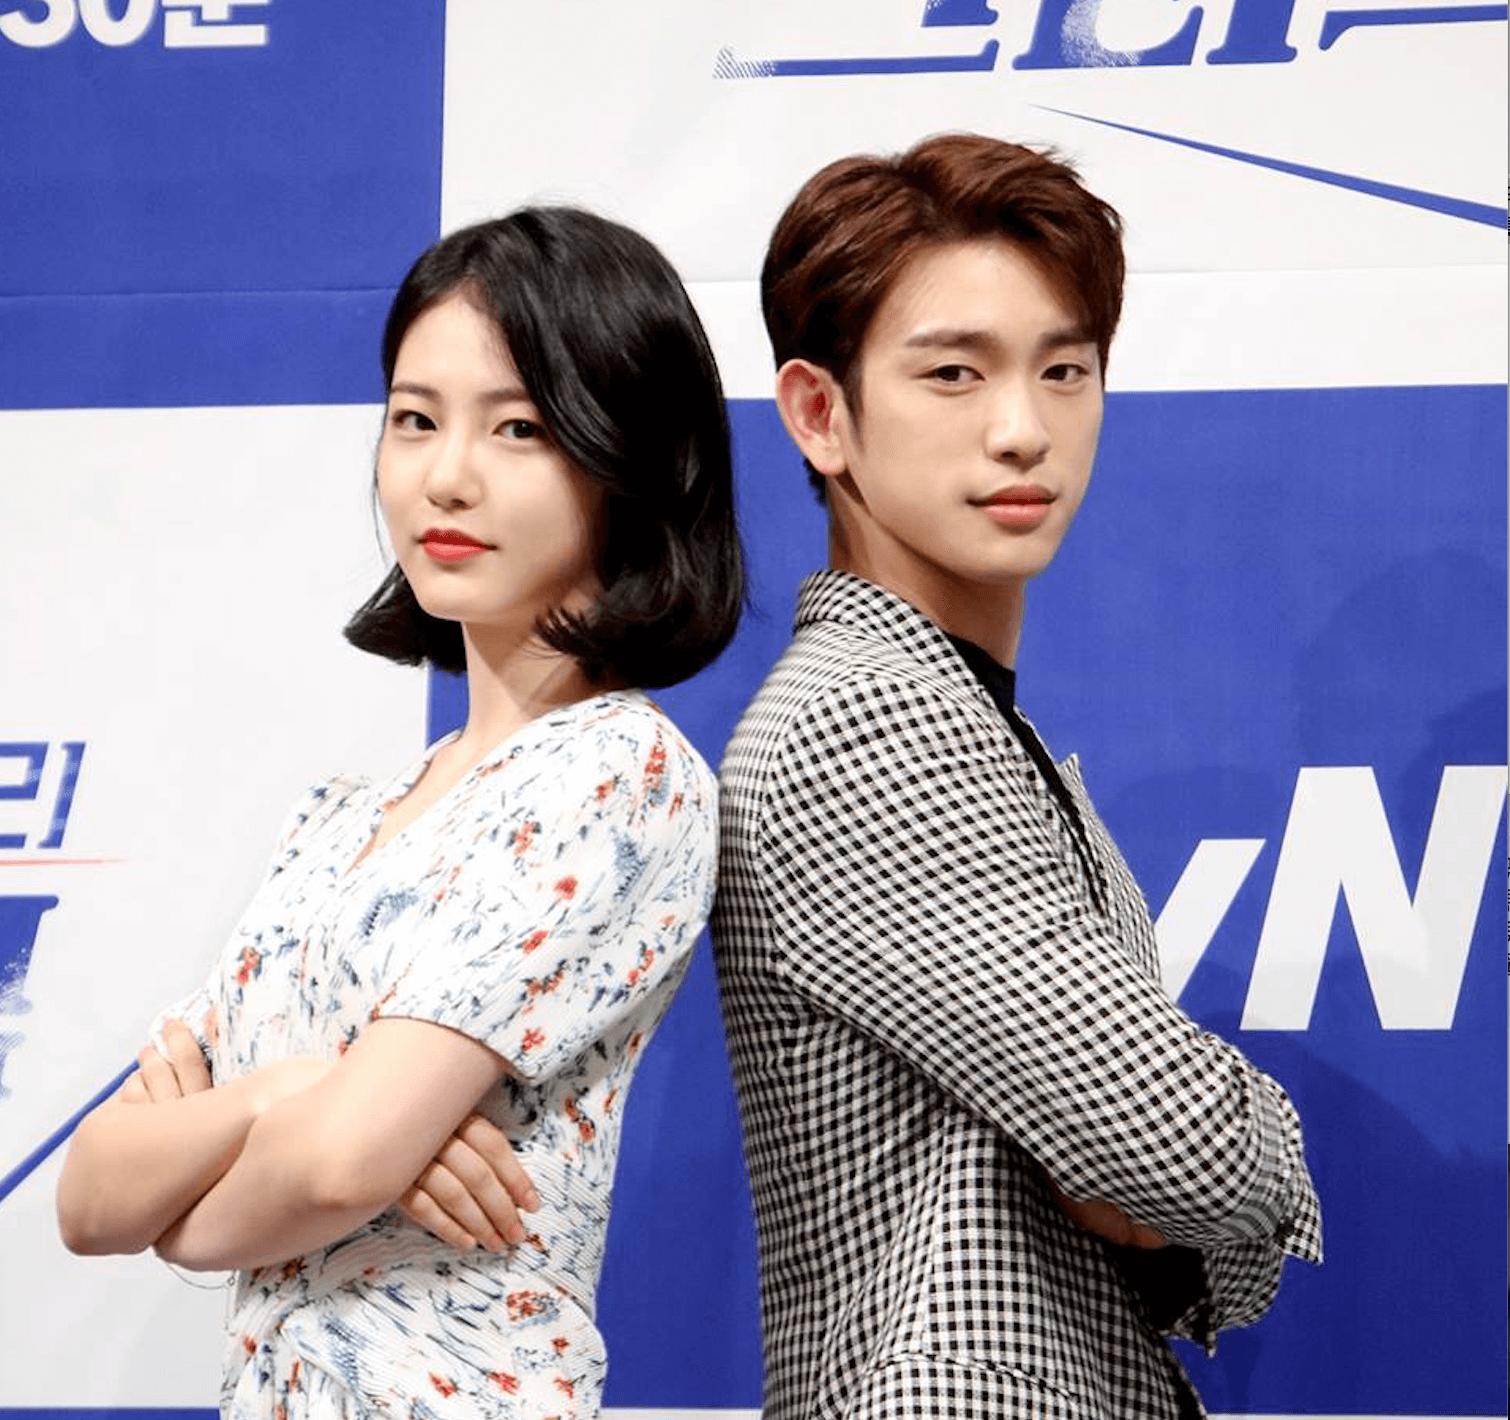 辛睿恩和GOT 7成員珍榮擔任《會讀心術的那小子》女主角